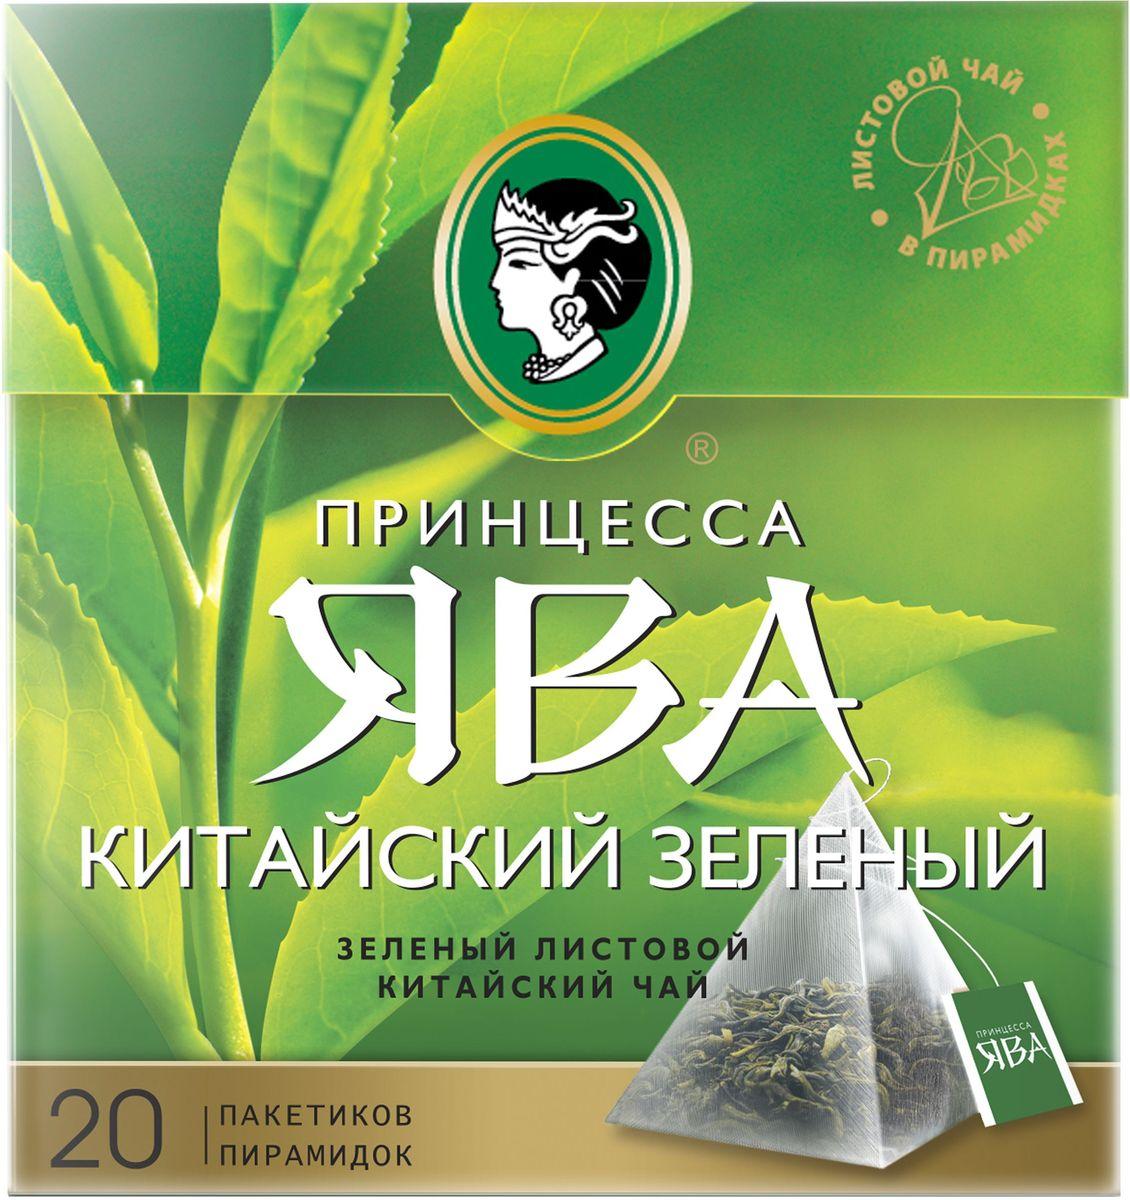 Принцесса Ява чай зеленый в пирамидках, 20 шт0944-18Легкий и гармоничный букет классического листового зеленого китайского чая, насыщенный тонкой горчинкой и приятными терпкими нотами, открывает характерный аромат, мягкое и хорошо выраженное послевкусие.Всё о чае: сорта, факты, советы по выбору и употреблению. Статья OZON Гид